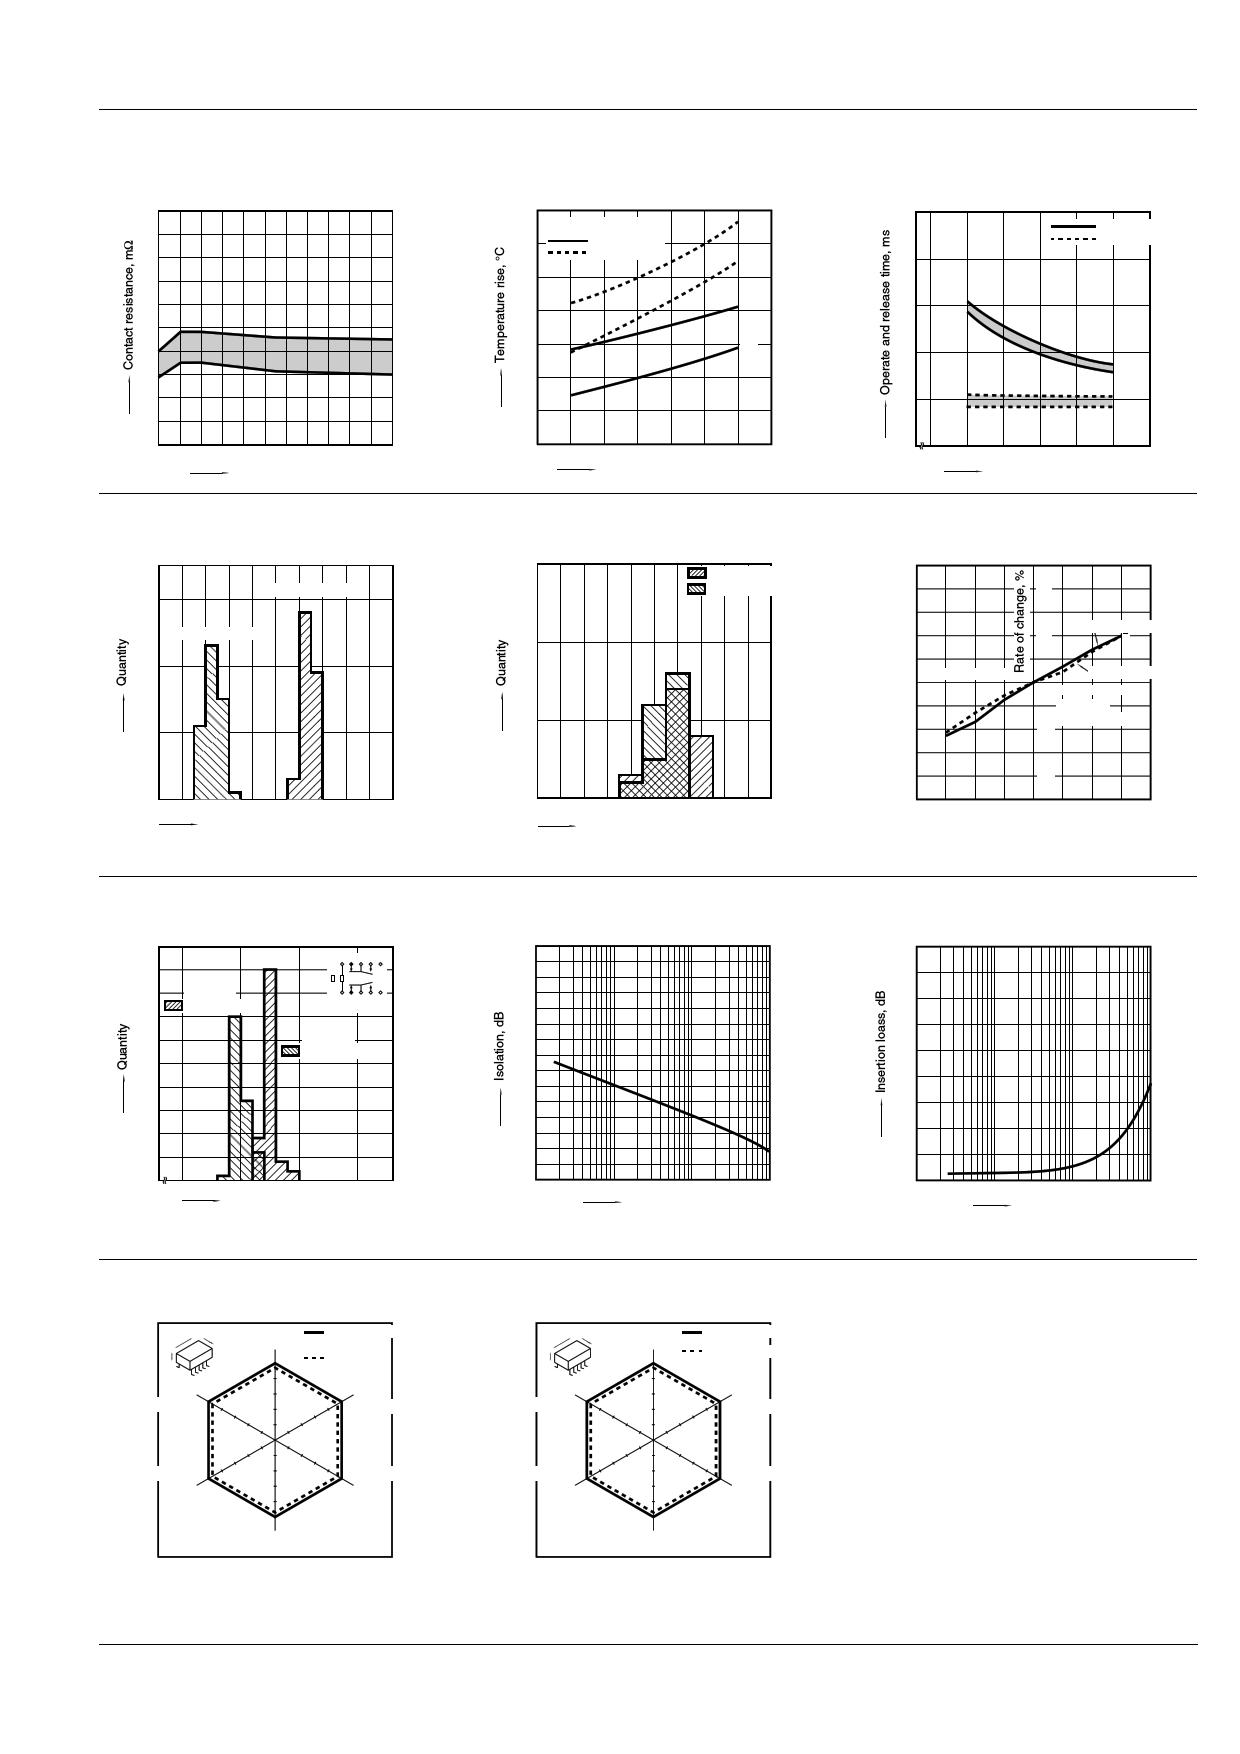 TQ2SS-L-6V pdf, 반도체, 판매, 대치품